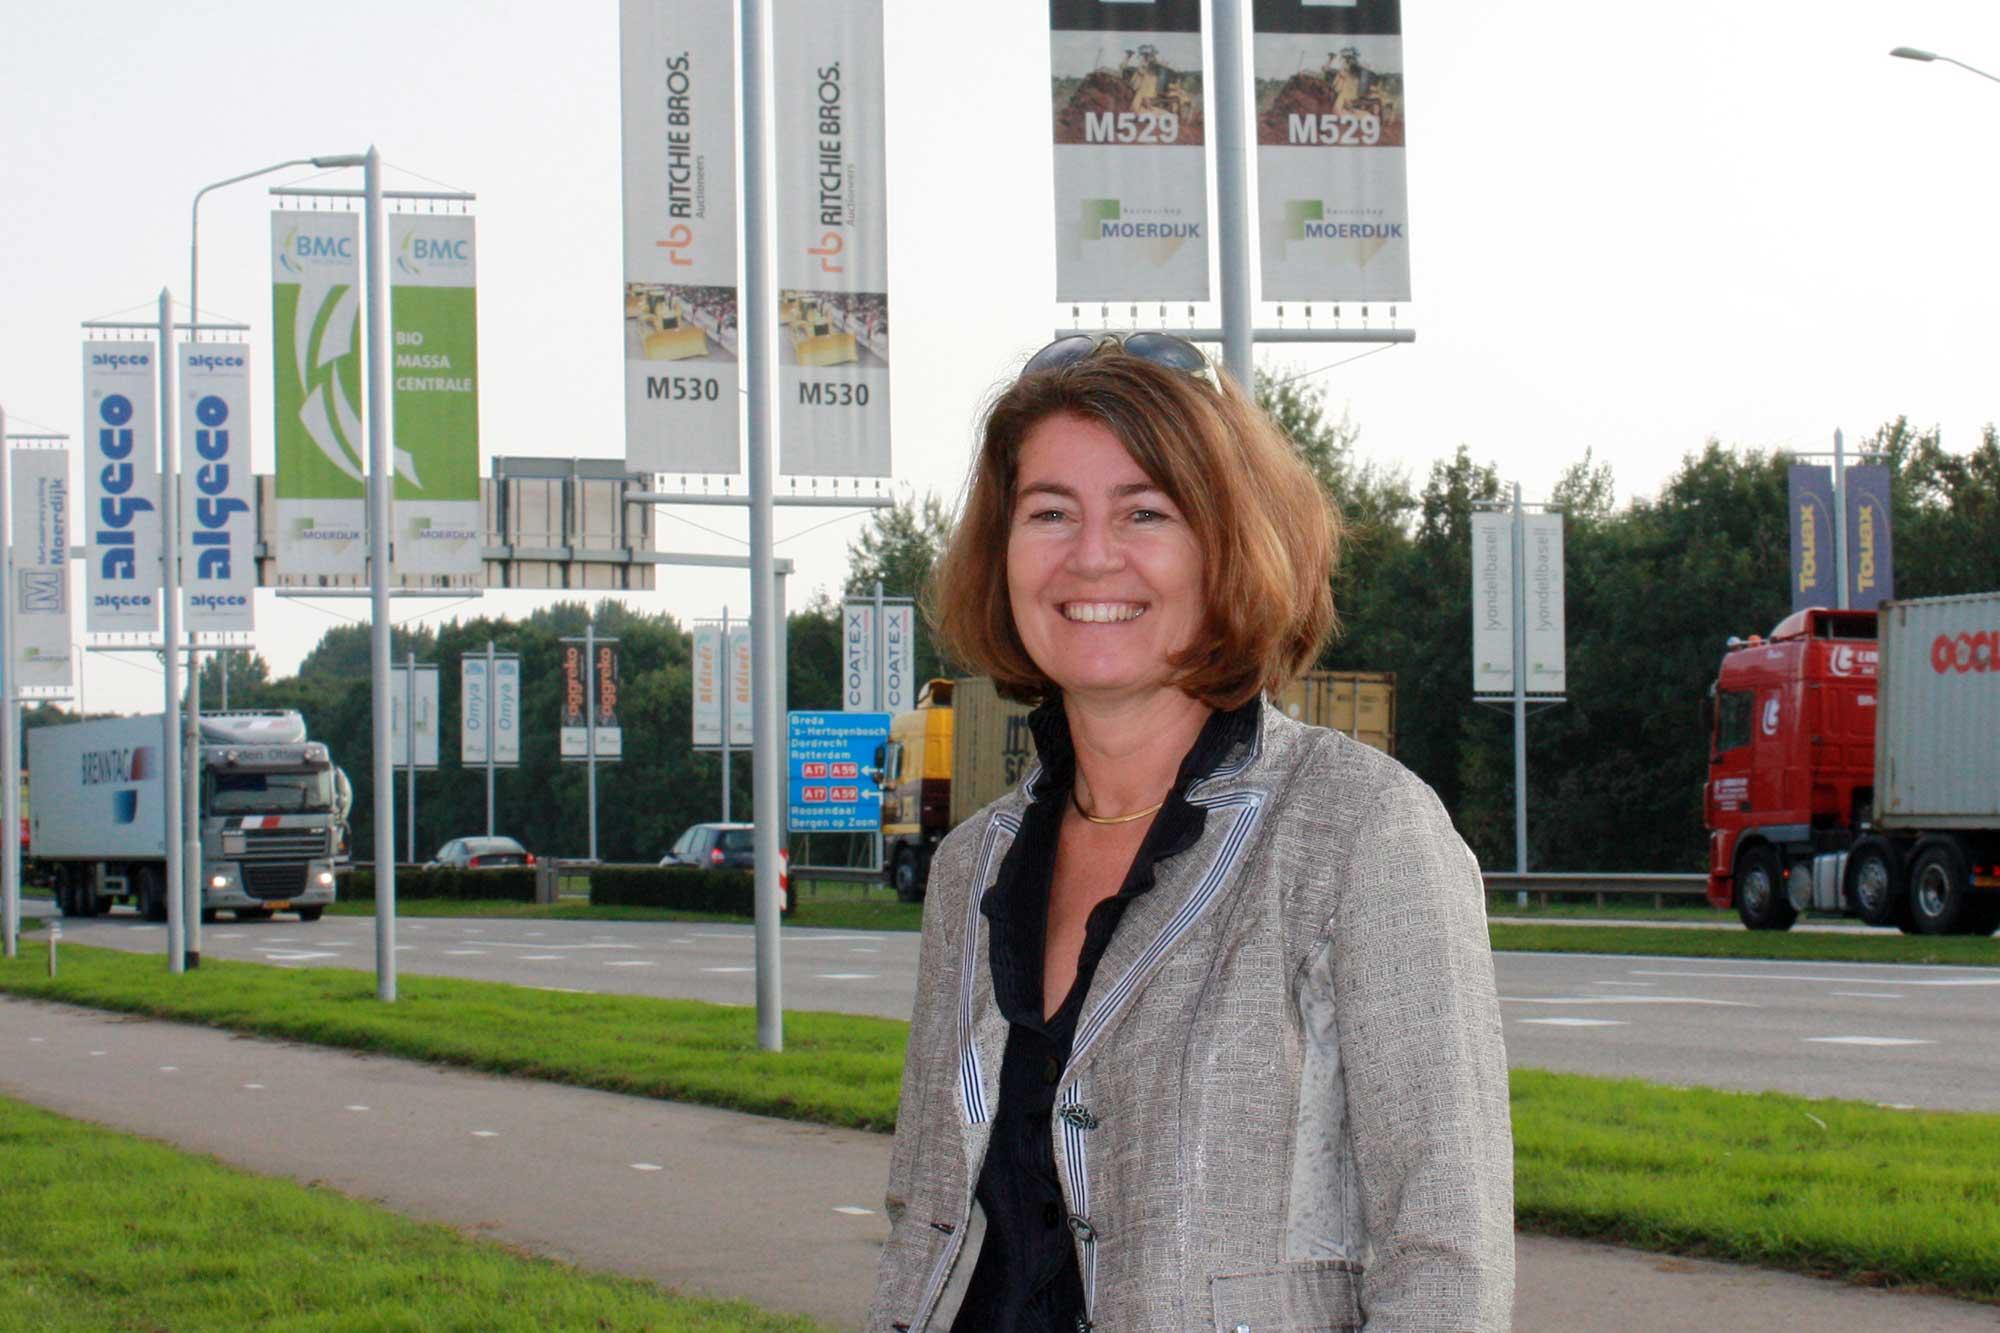 Manon Baartmans